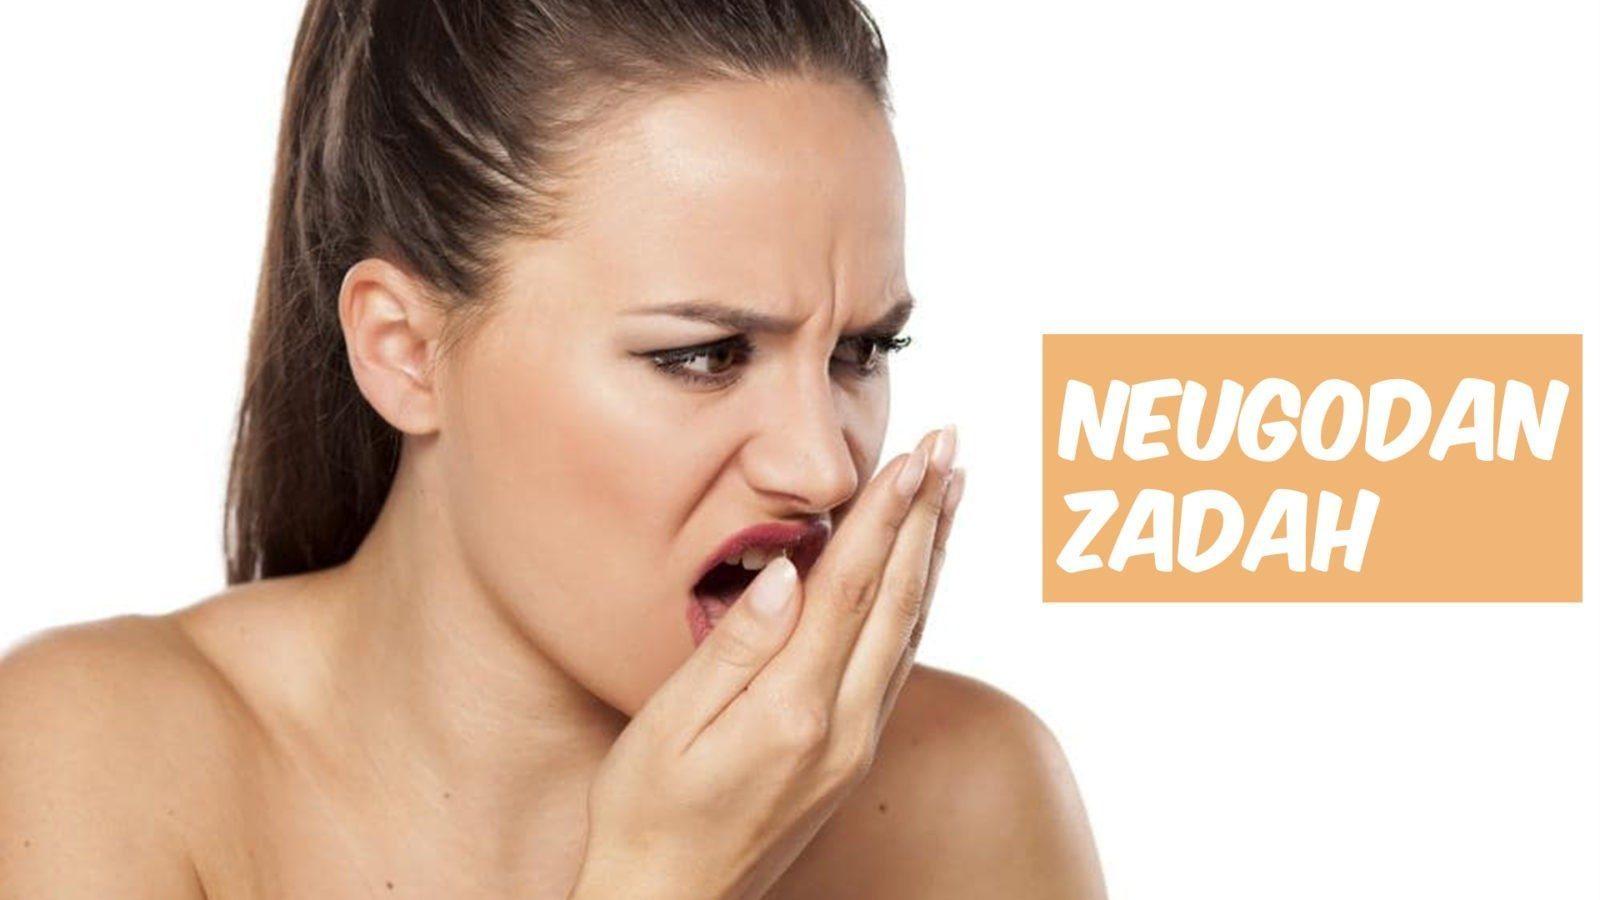 neugodan zadah